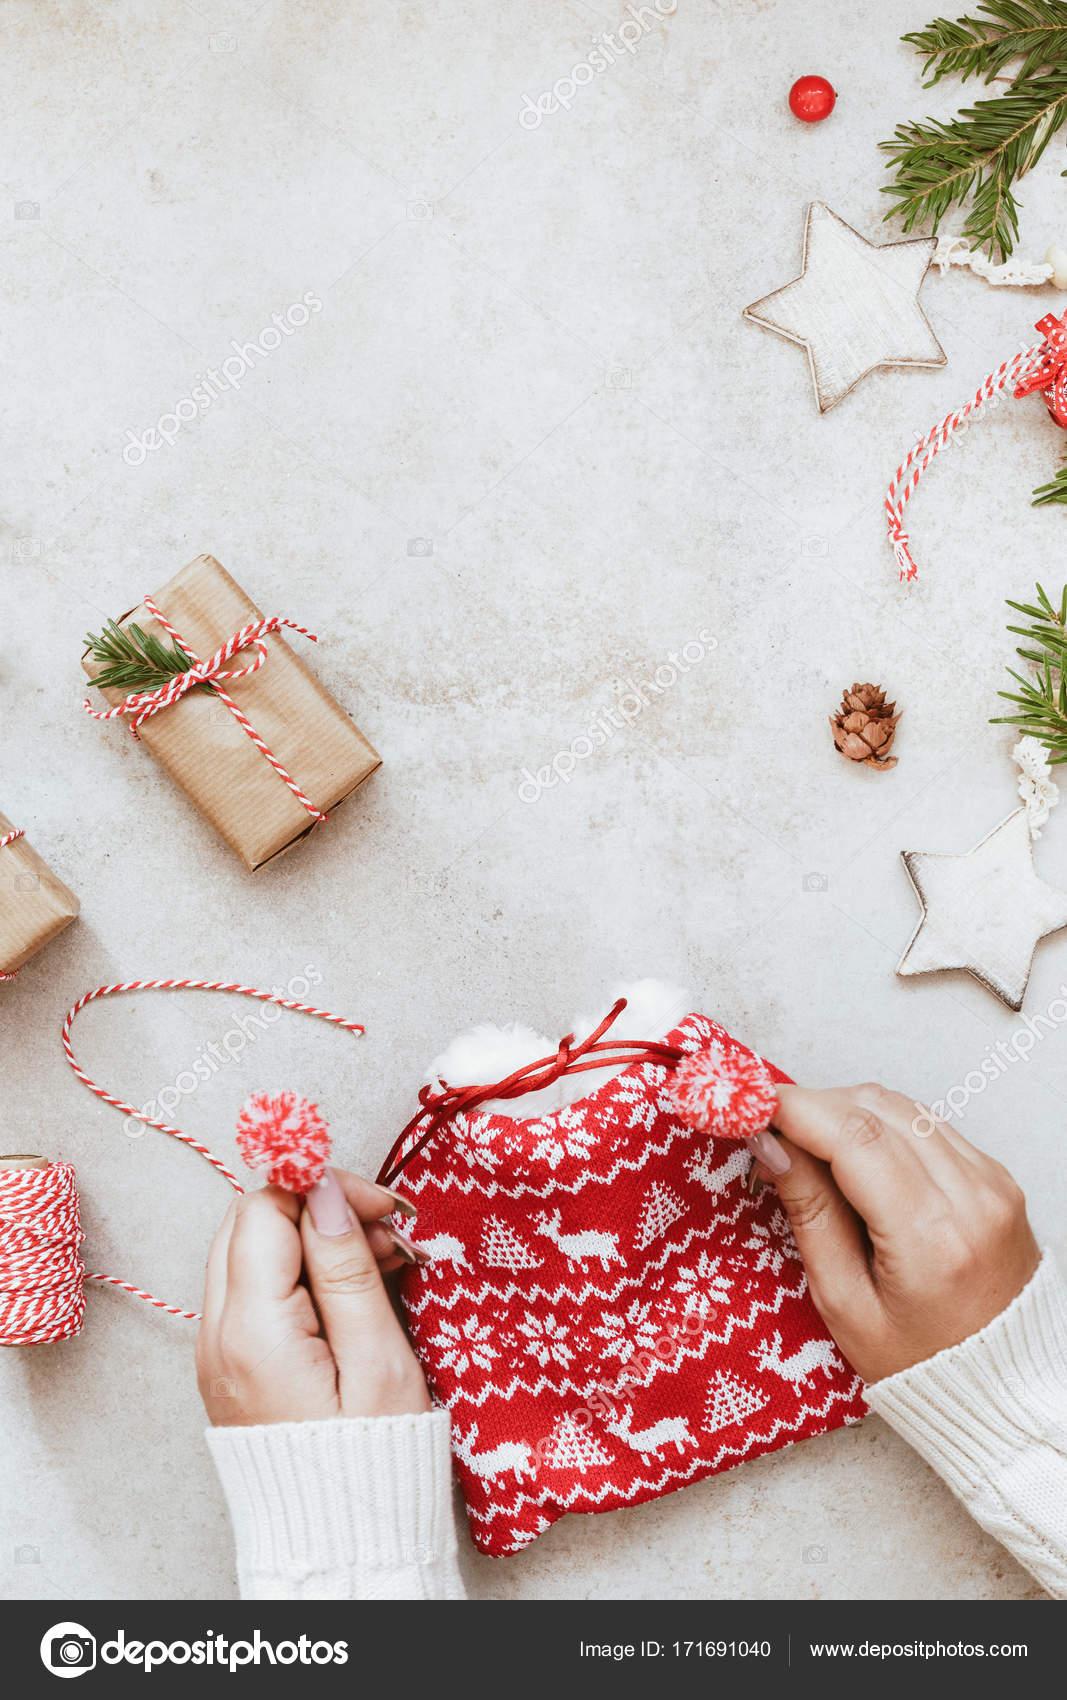 Regali Di Natale Alluncinetto.Regali Di Natale In Borsa All Uncinetto E Carta Marrone Foto Stock